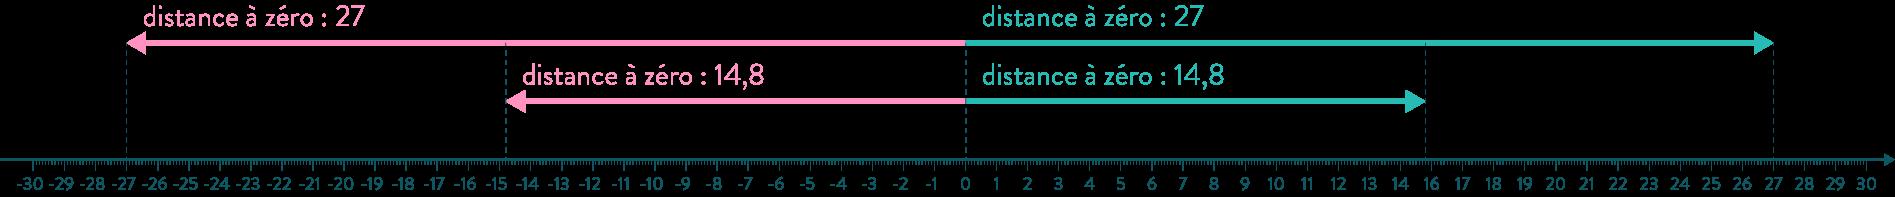 distance à zéro comparaison nombres positifs et négatifs mathématiques quatrième